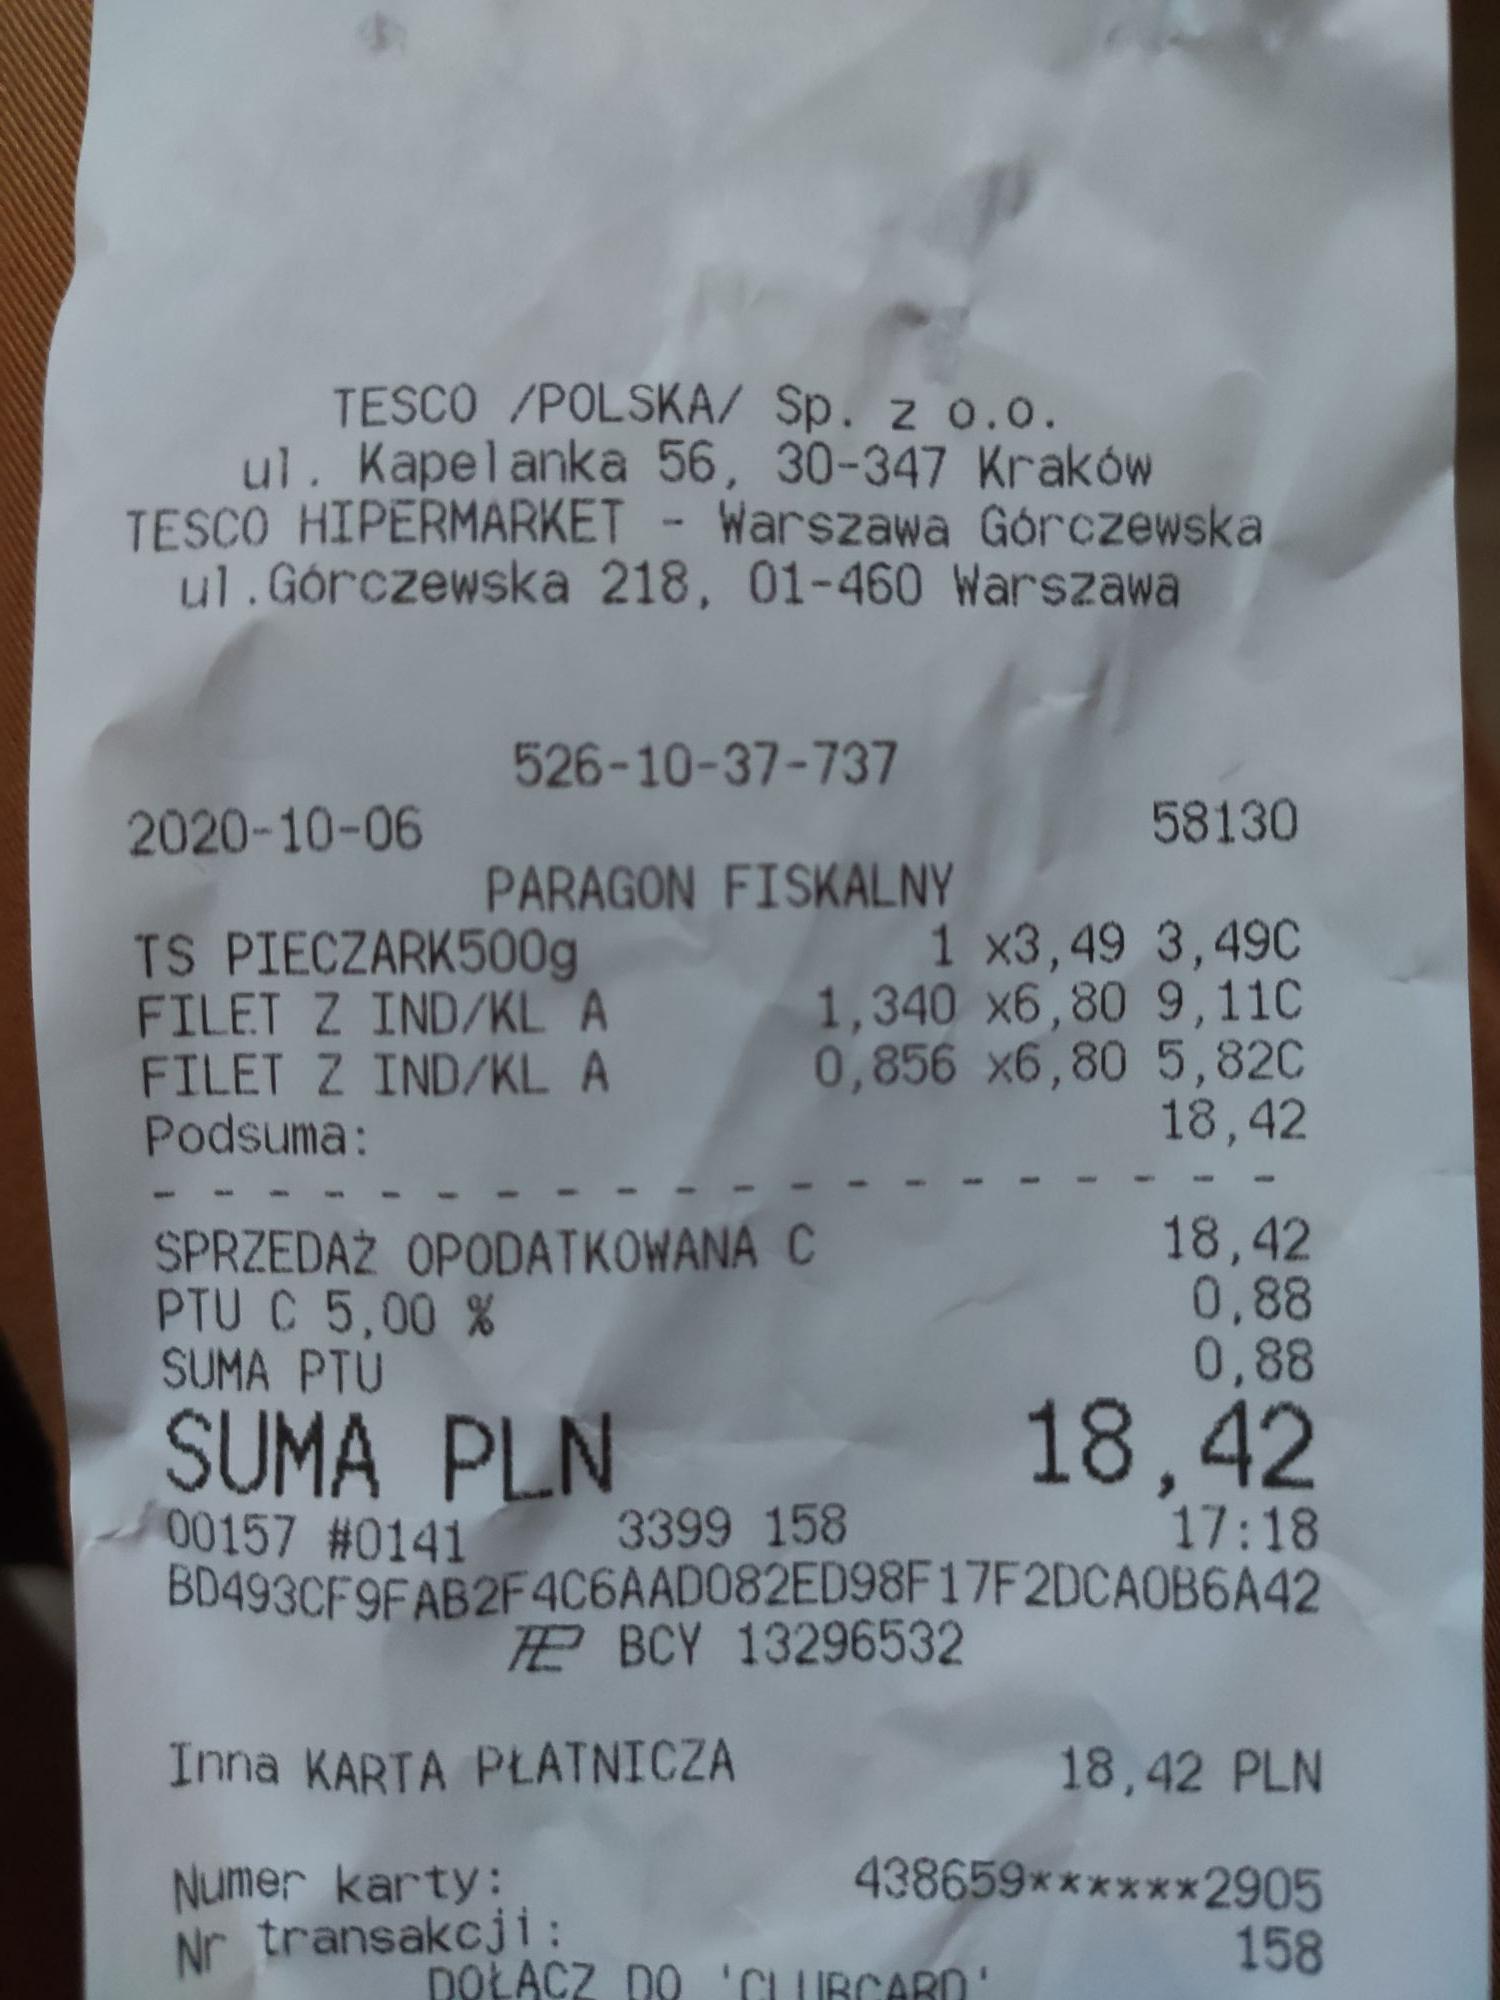 Filet z indyka - Tesco Górczewska